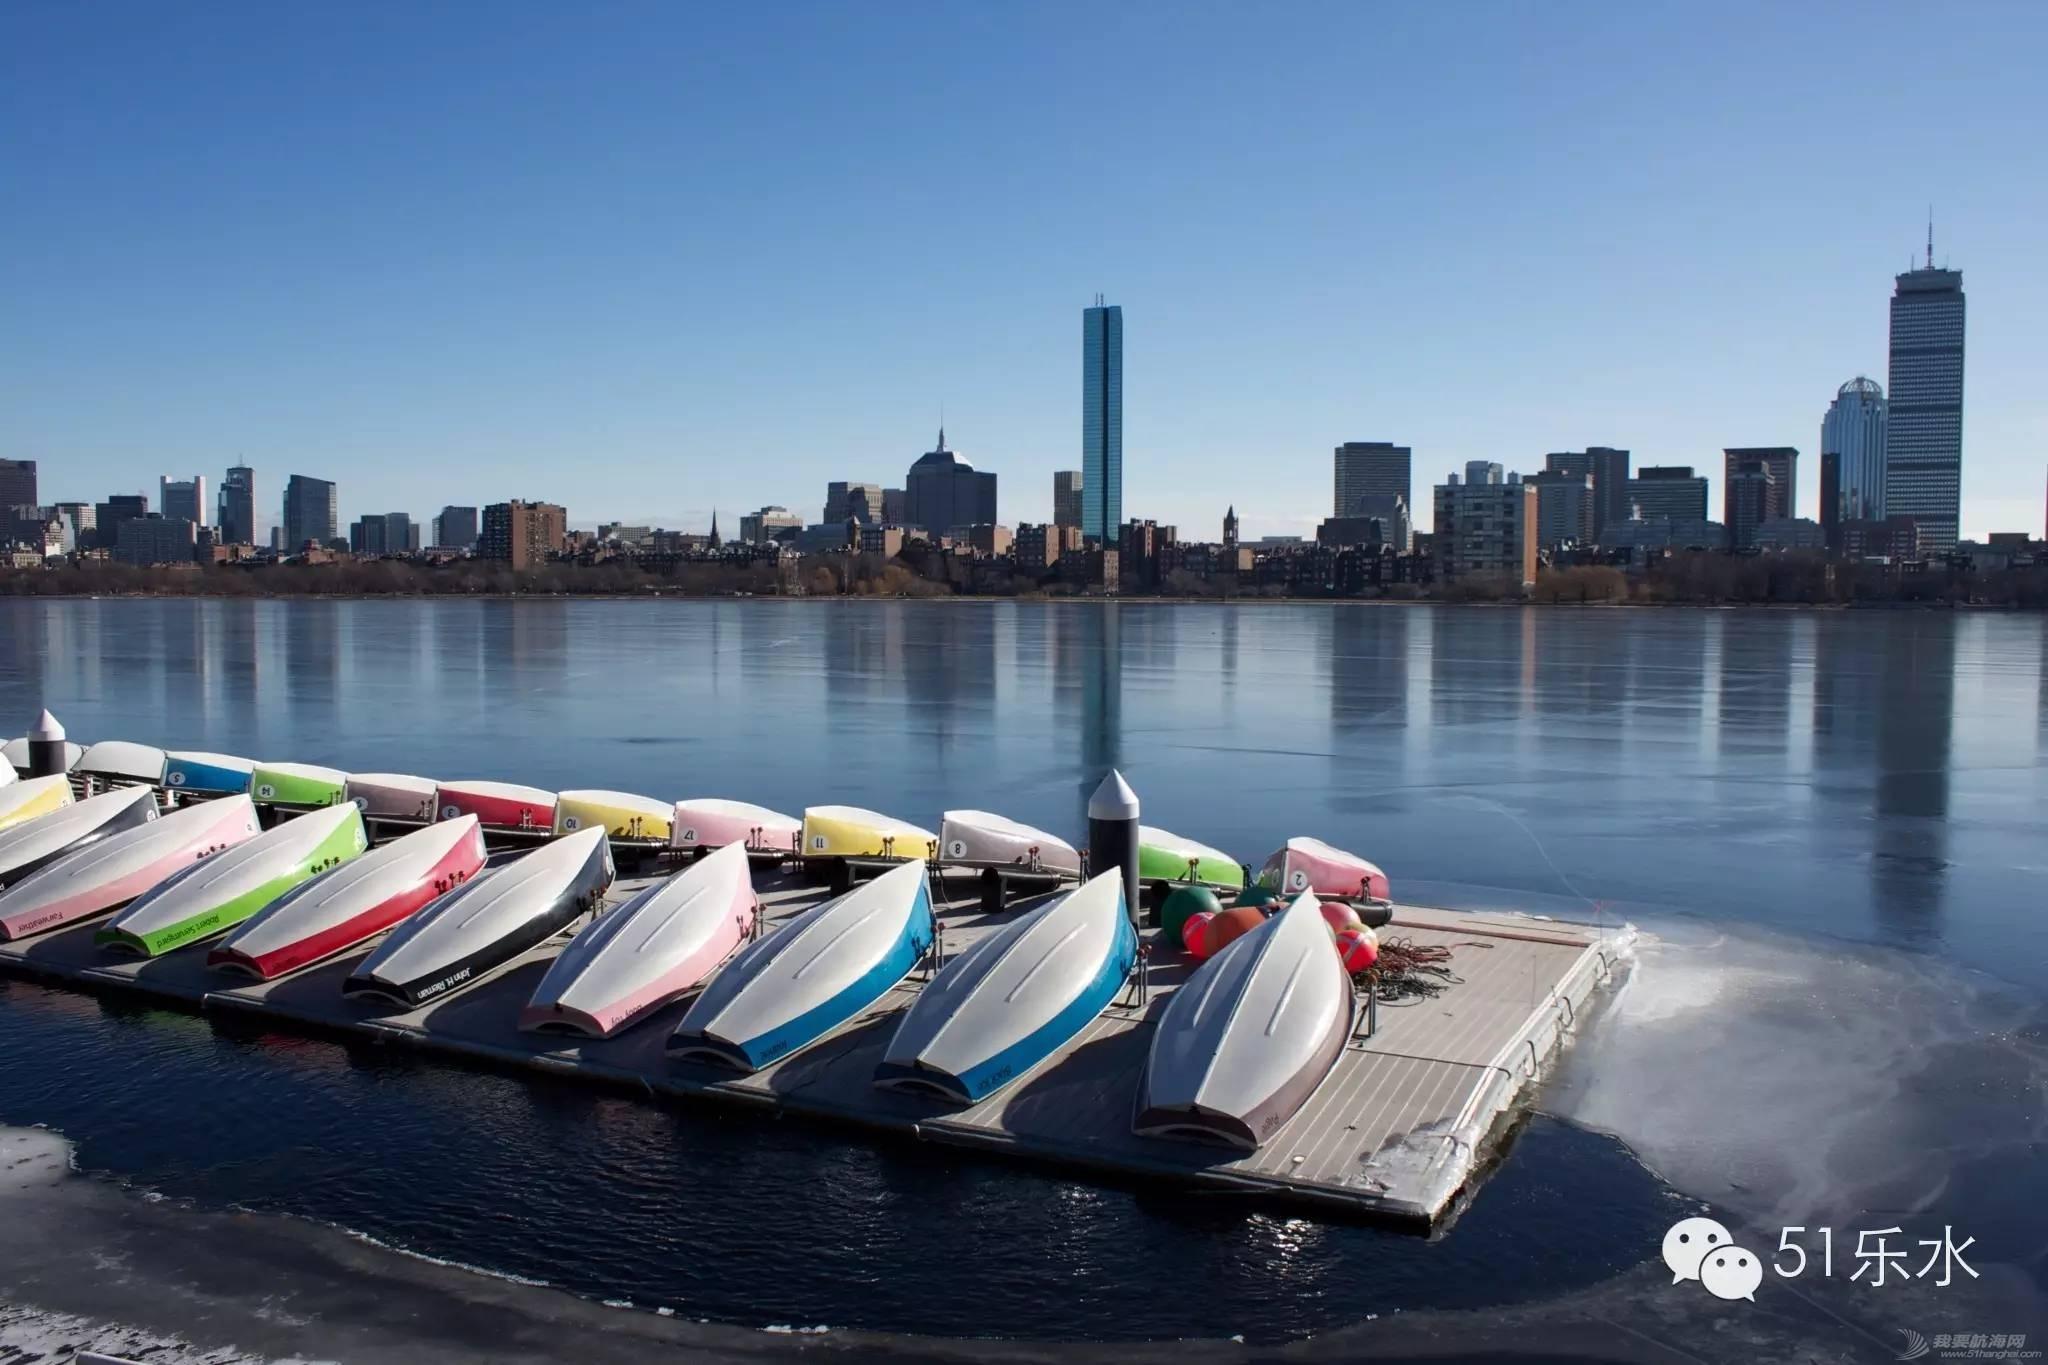 美国大学生,耶鲁大学,麻省理工,剑桥大学,牛津大学 一份来自麻省理工的帆船课程表 9e80fe46f41e1782bb63fcd8d92c4fac.jpg